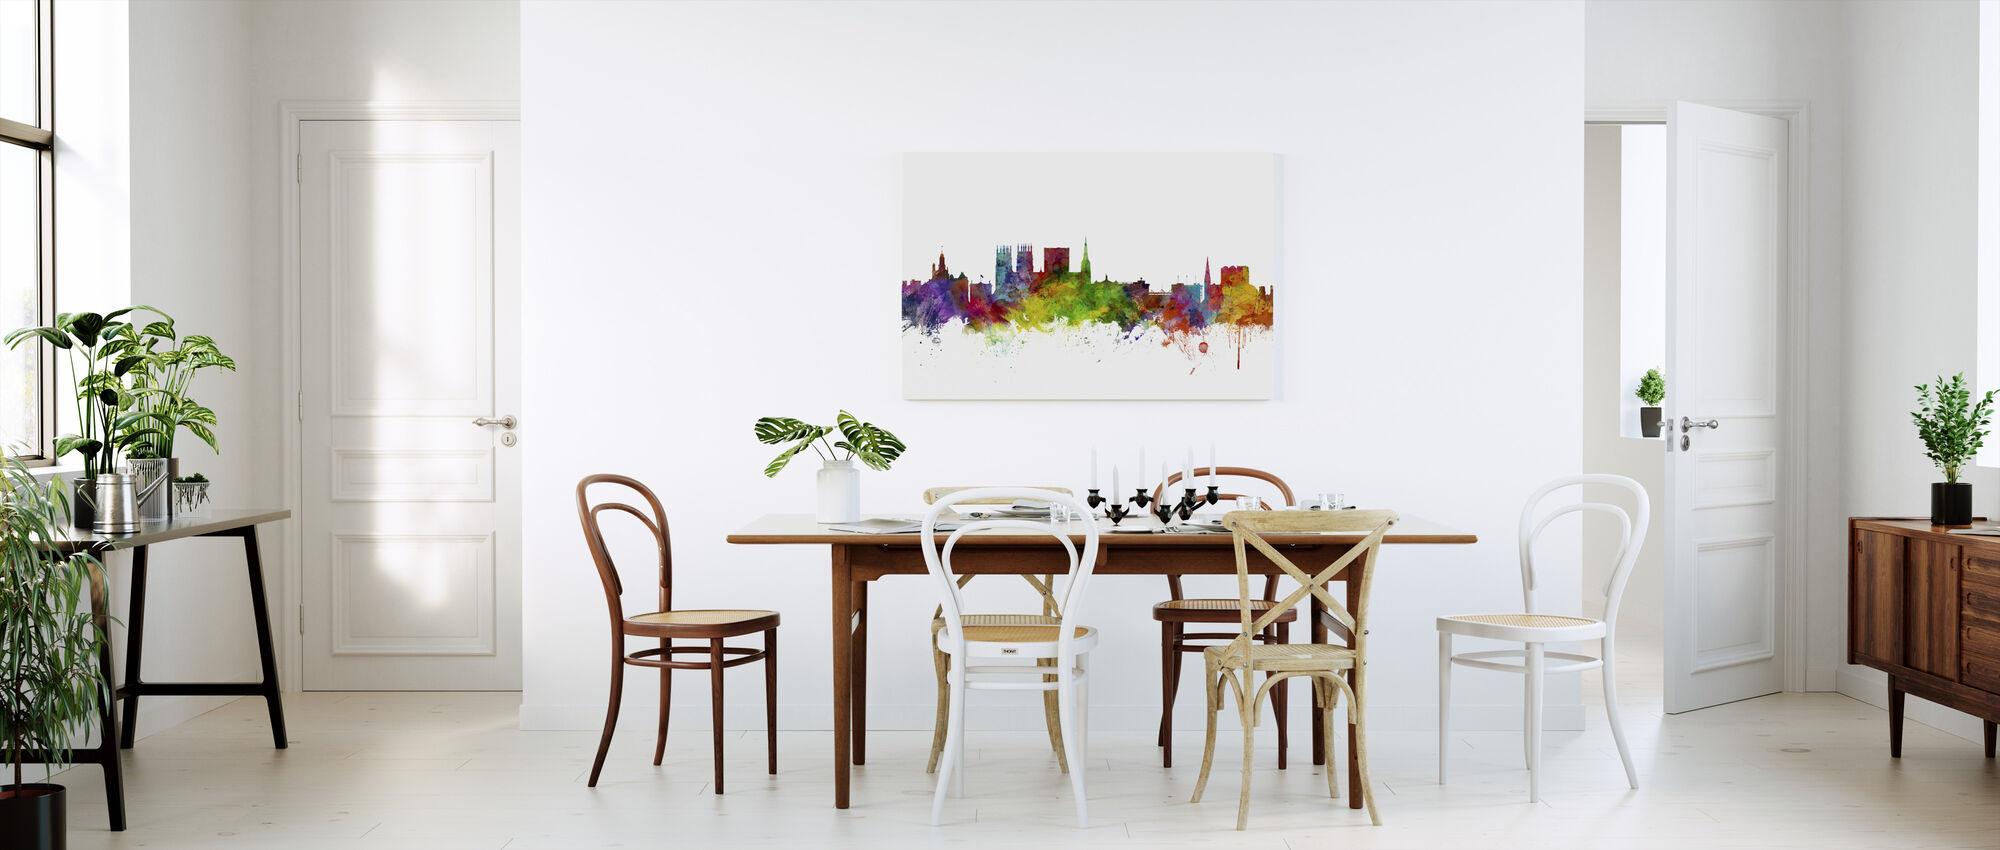 York England Skyline - Canvas print - Kitchen